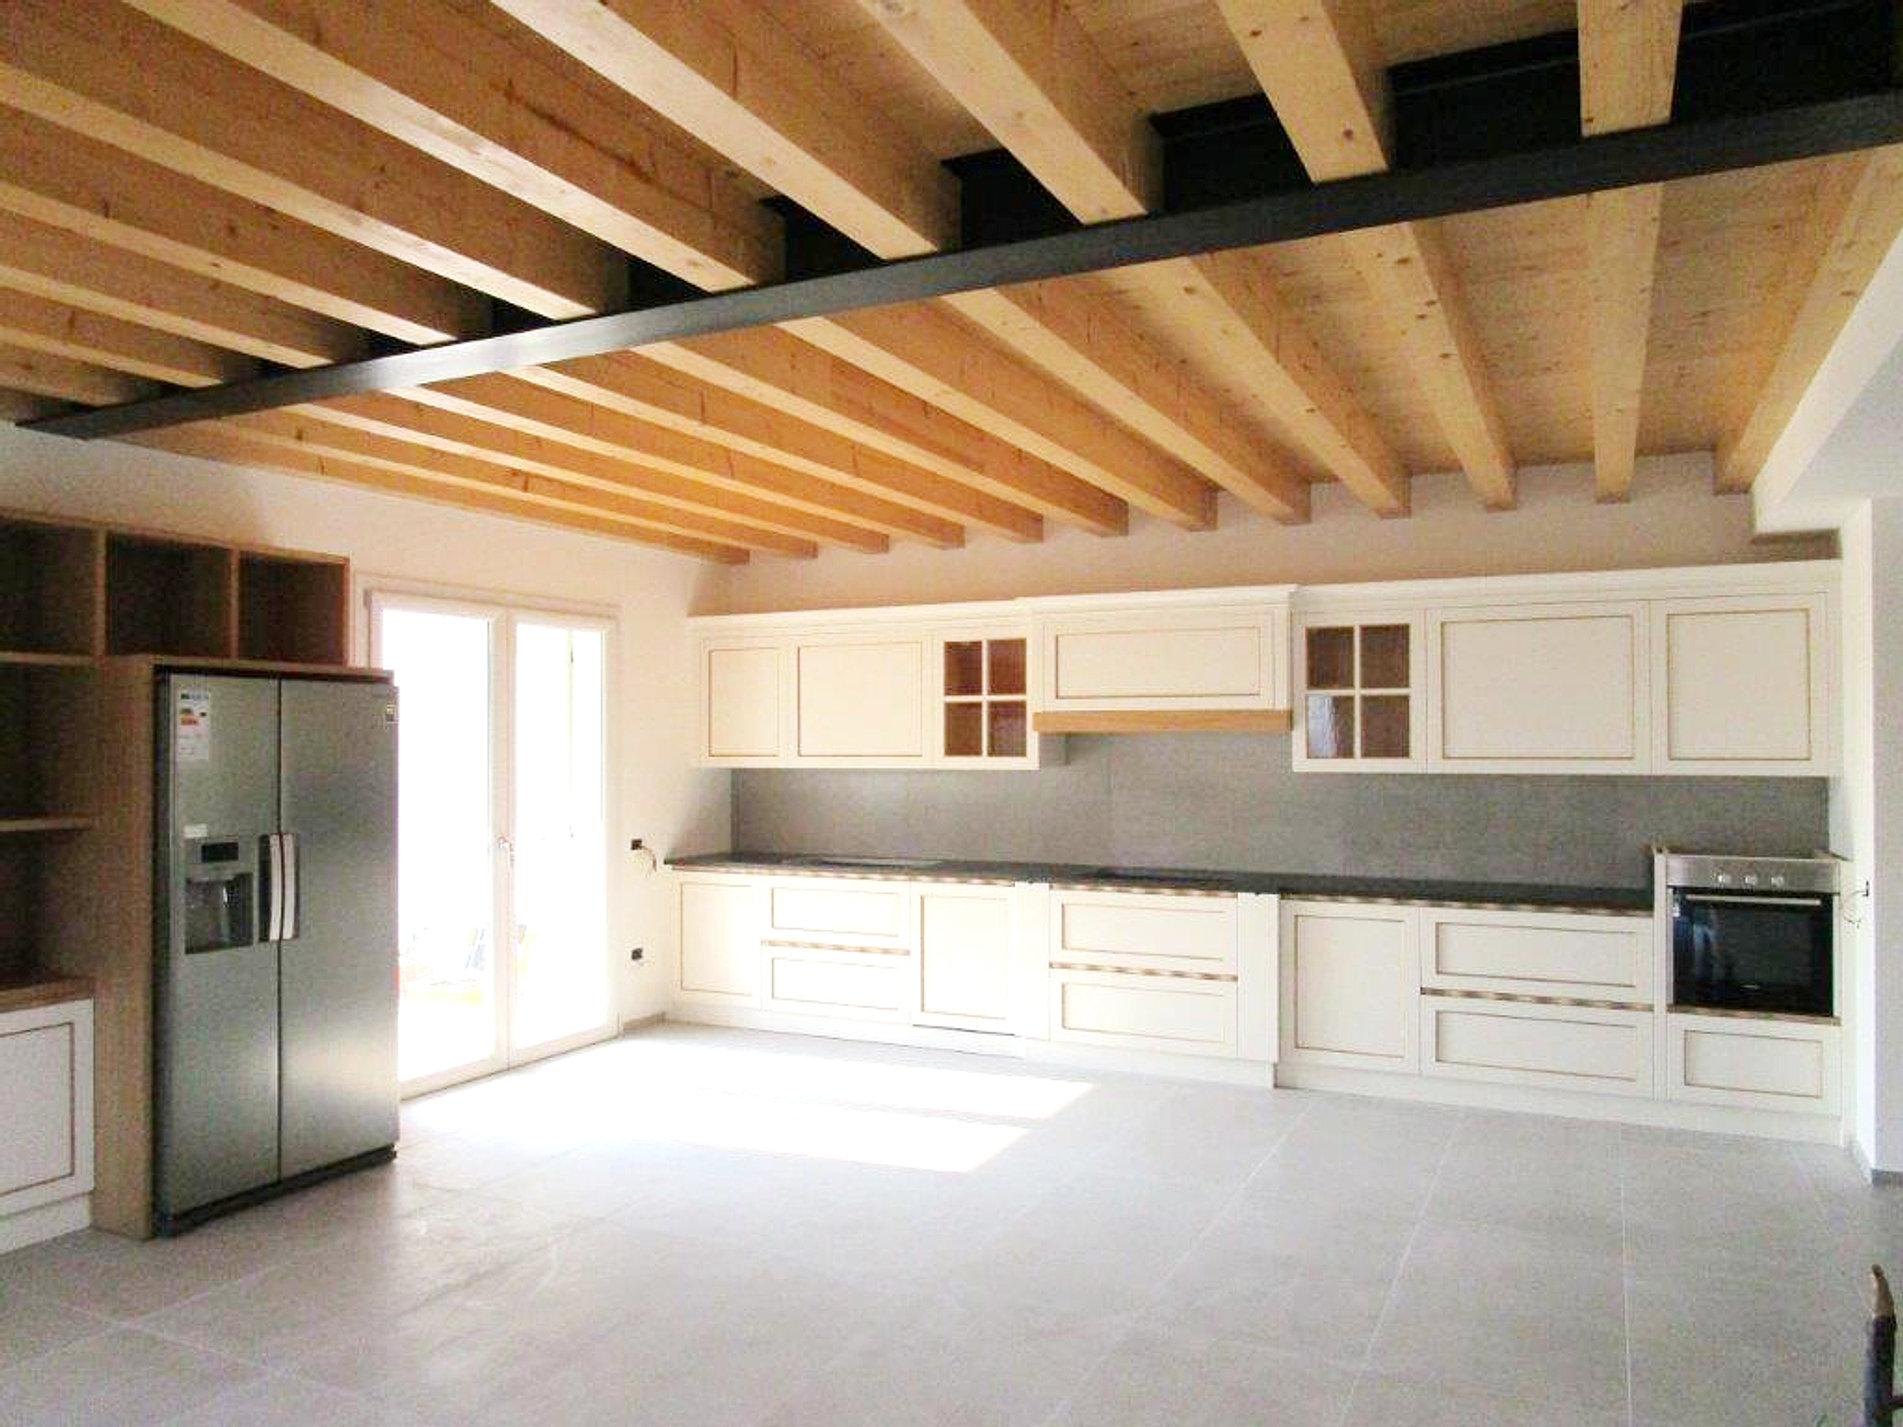 cucina in legno eva - Eva Arredamenti Cucine